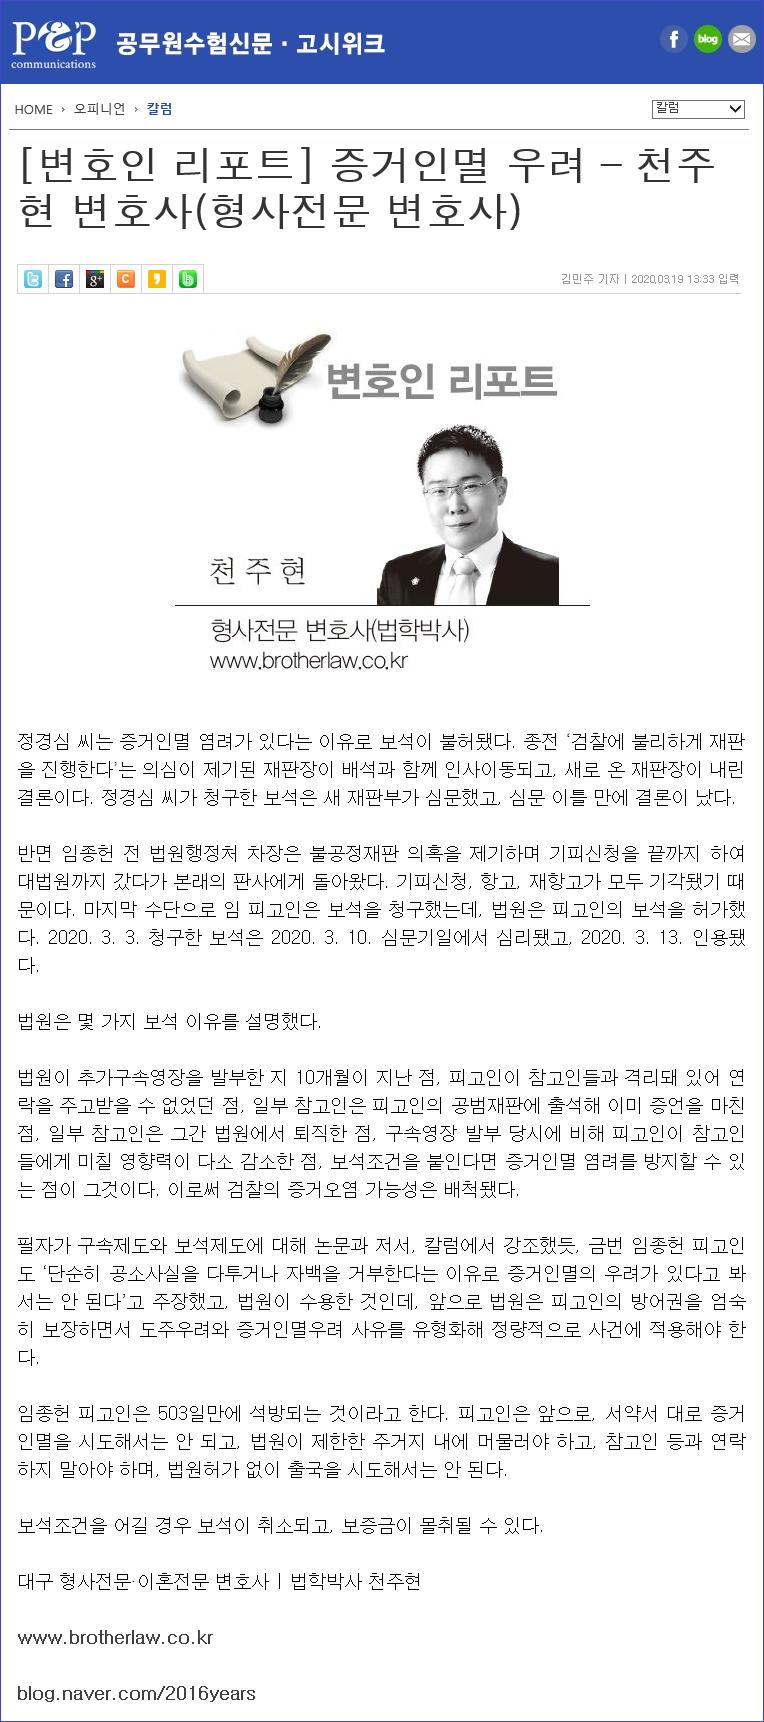 200319-변호인리포트(증거인멸 우려)-블로그용.png